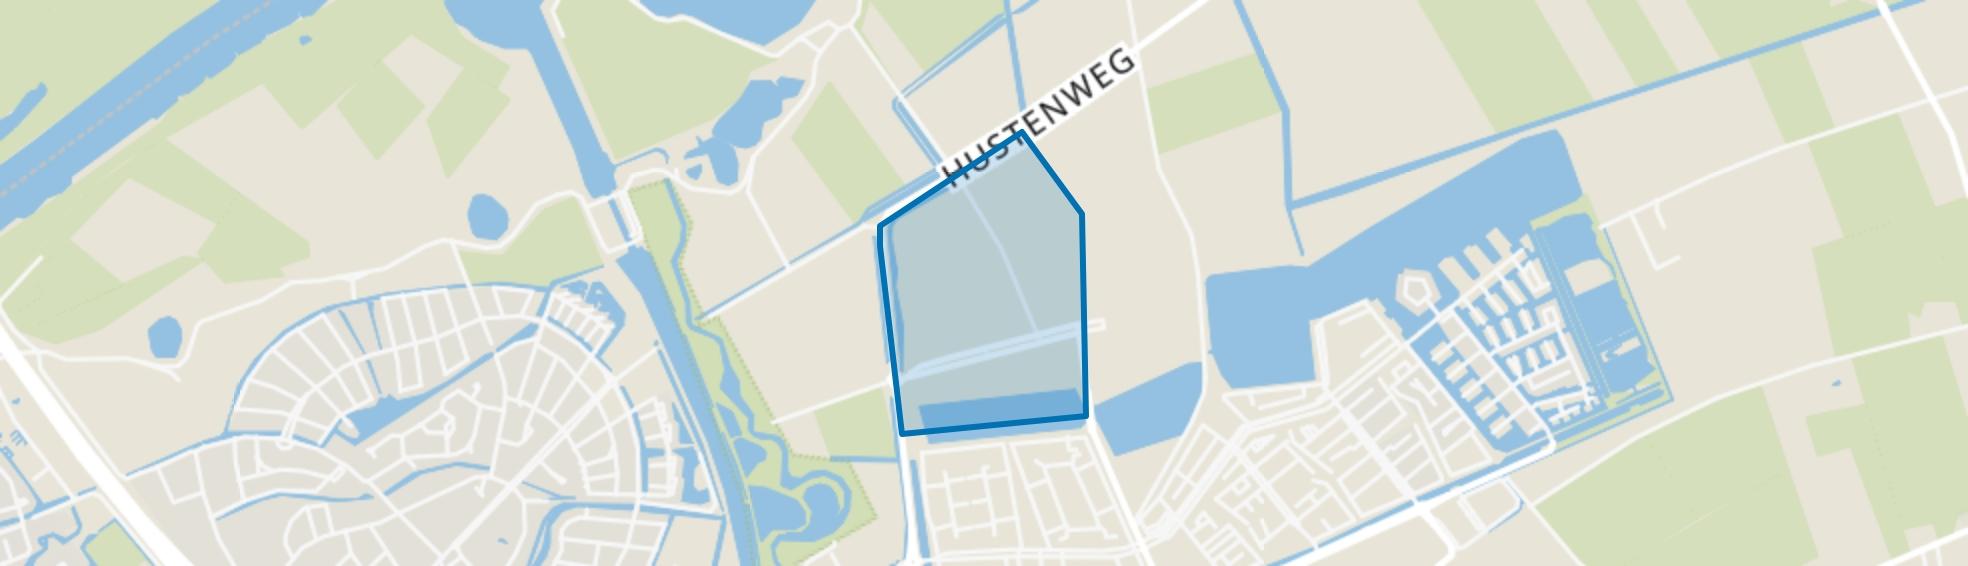 De Lanen, Rosmalen map